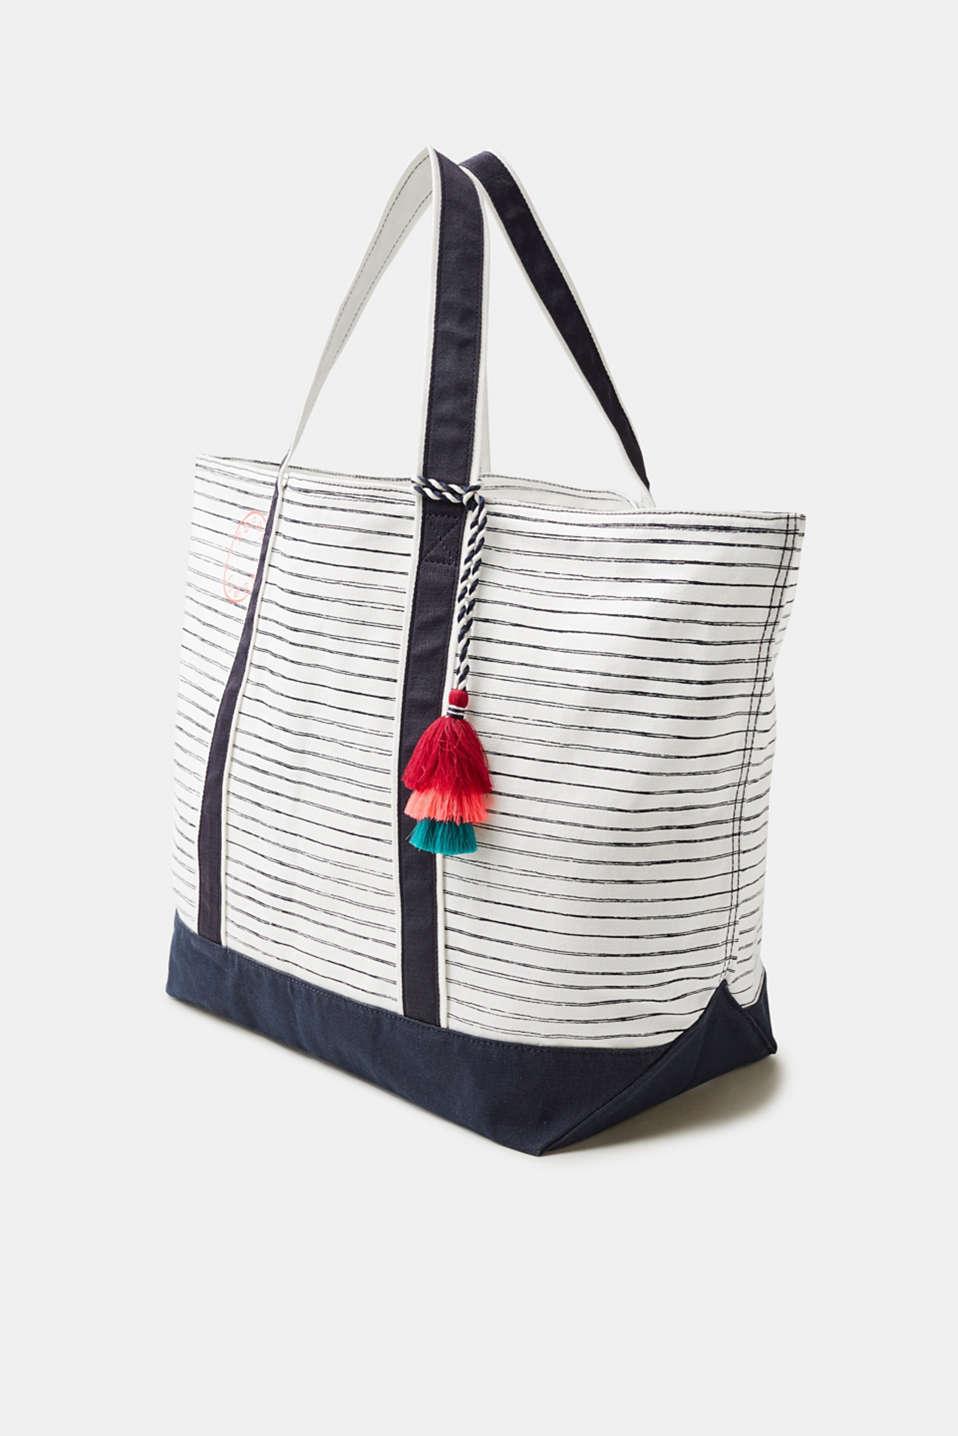 esprit sac de plage en toile de coton acheter sur la boutique en ligne. Black Bedroom Furniture Sets. Home Design Ideas